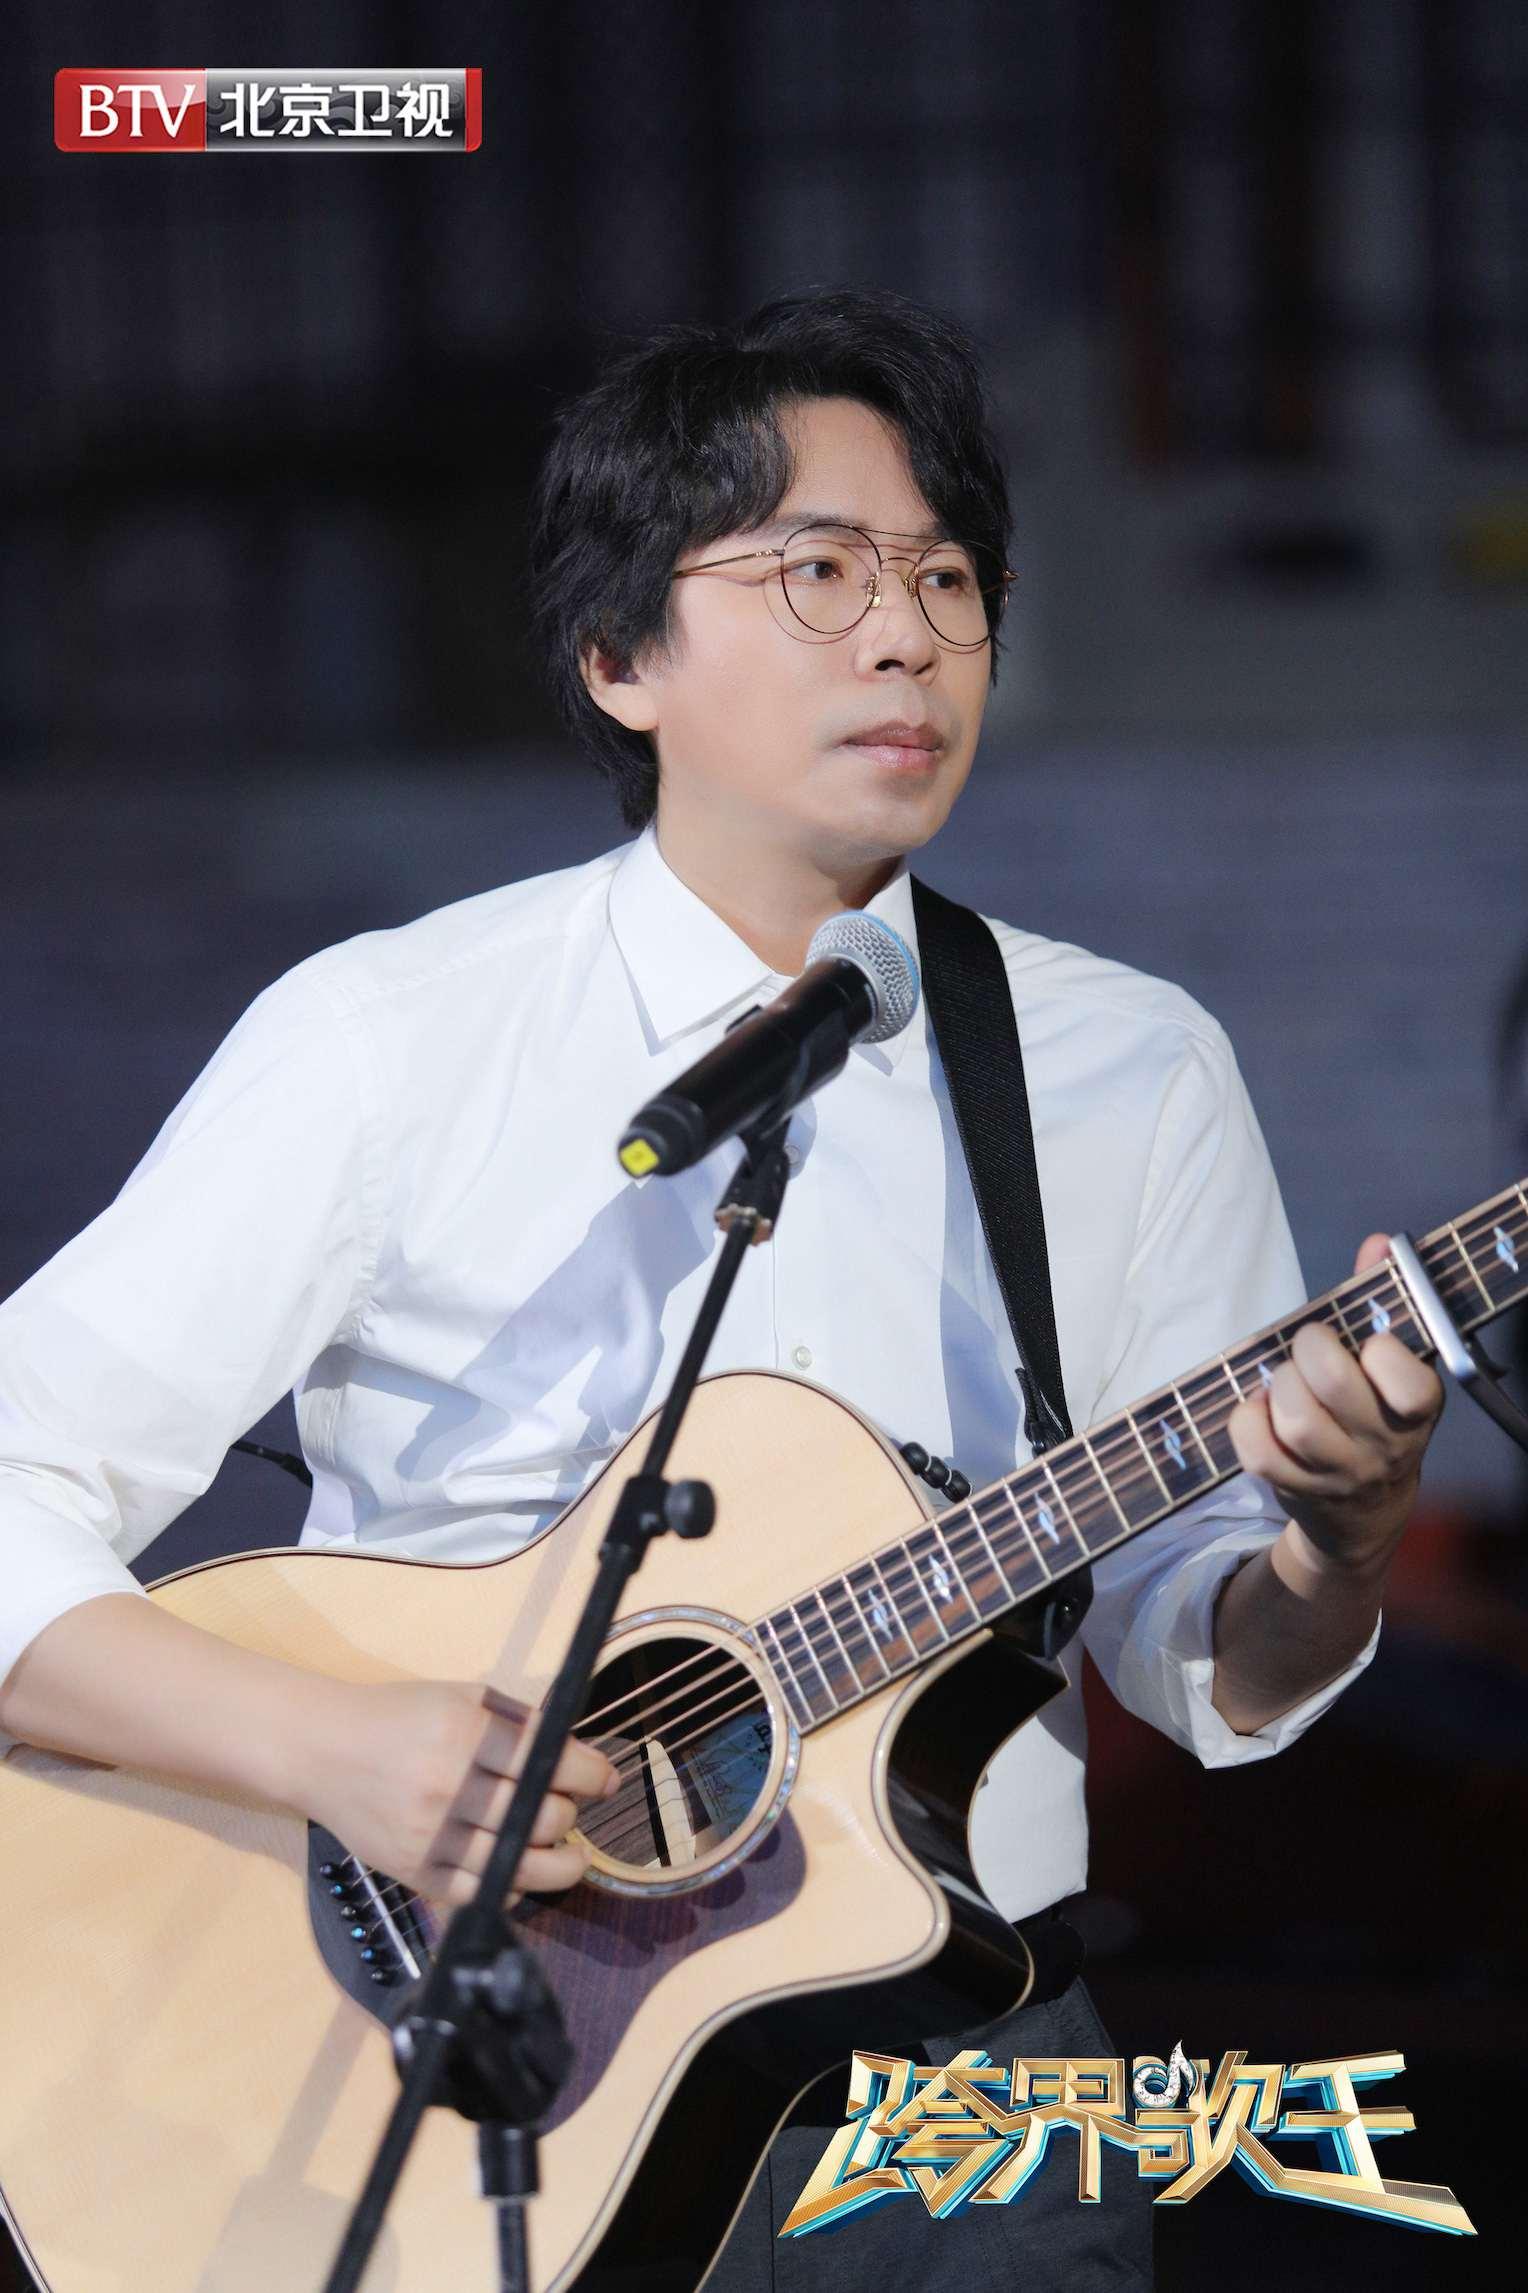 《跨界歌王》刘涛黄国伦率队PK (8).jpg